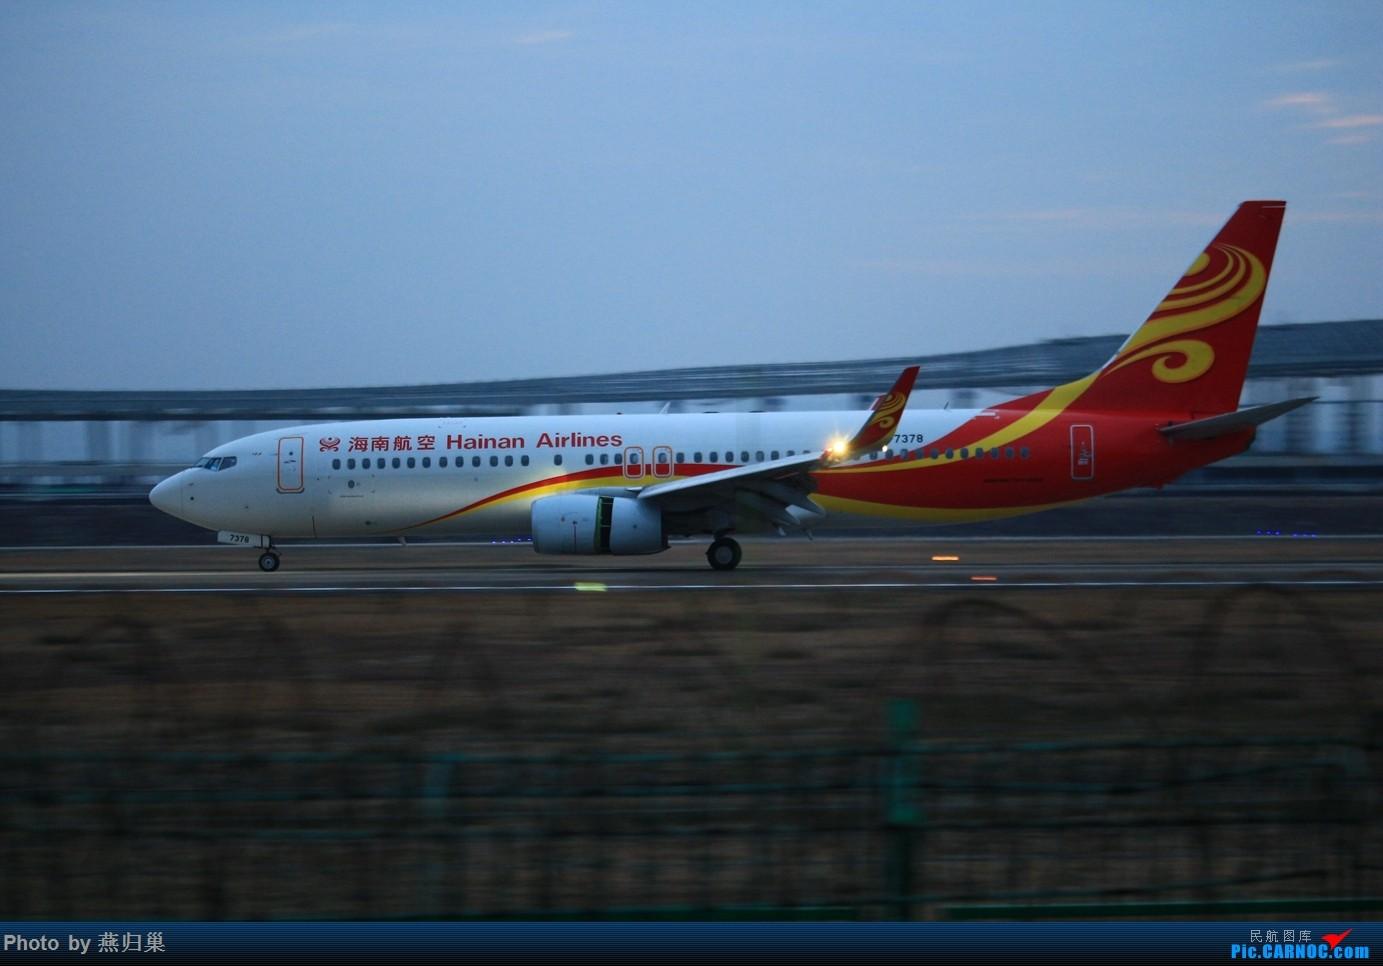 Re:[原创]【宁波飞友会】年前NGB拍机合集 BOEING 737-800 B-7378 中国宁波栎社国际机场